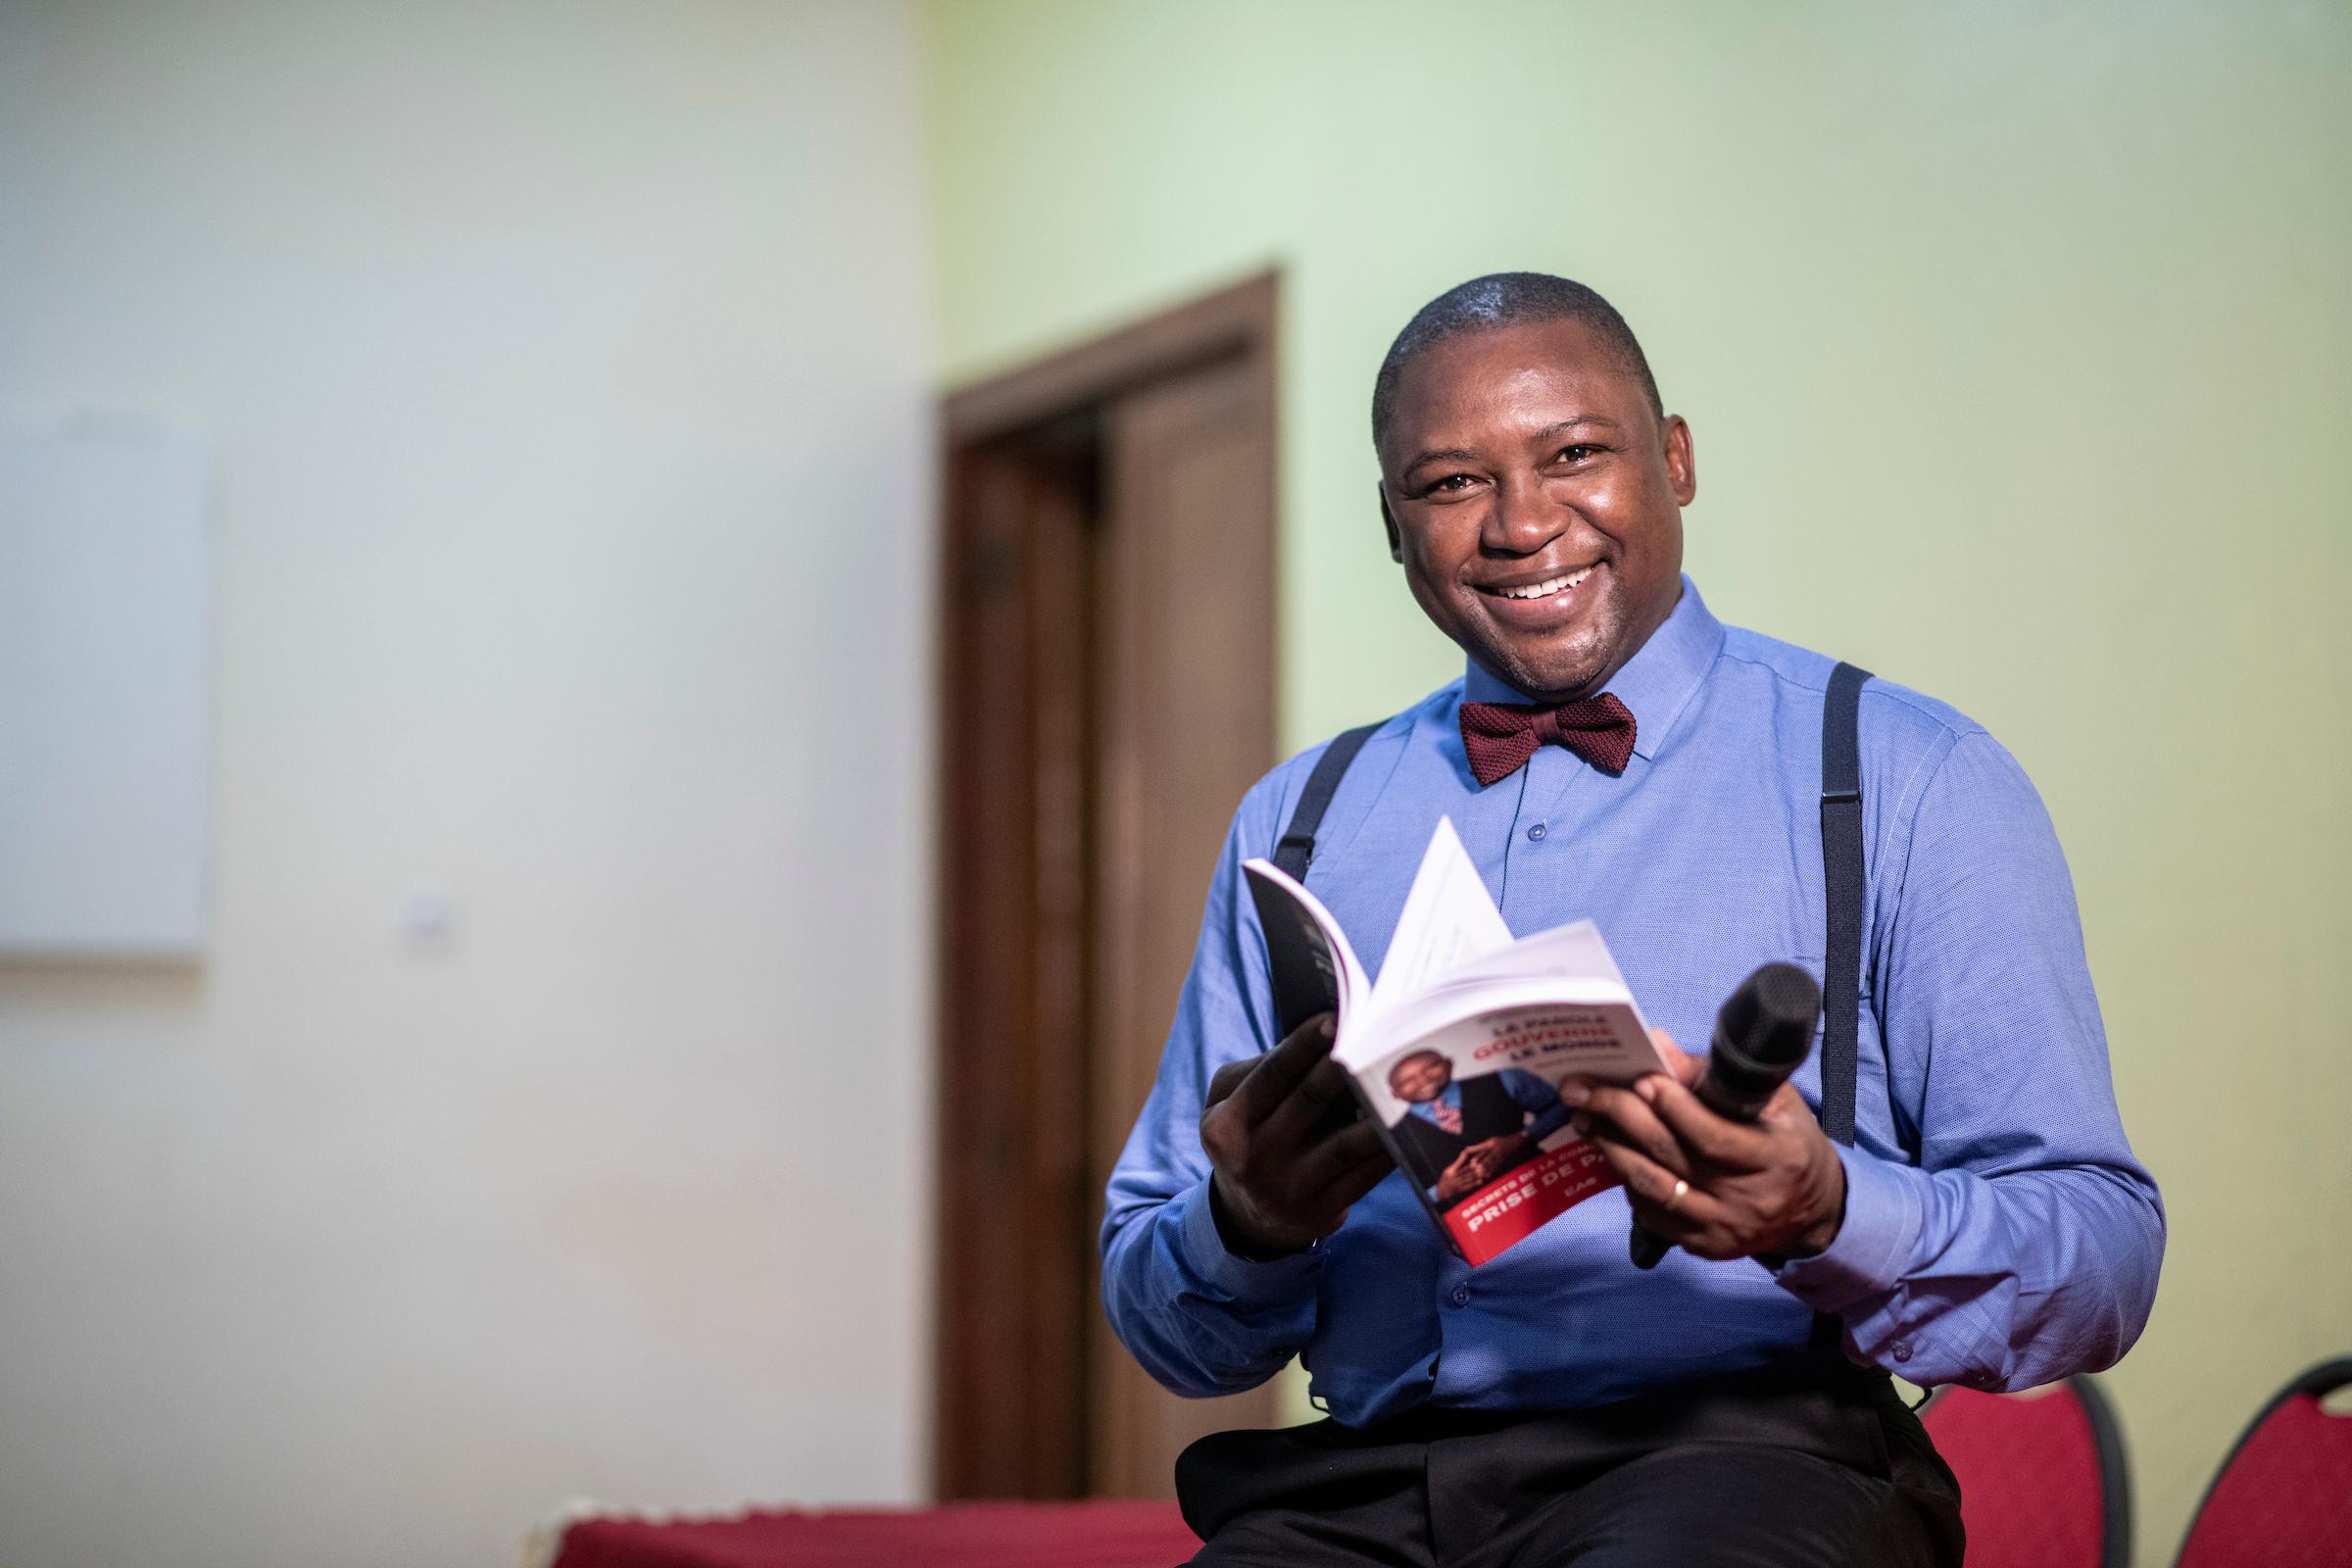 Le Sénégalais Cheikh Diallo, auteur de l'ouvrage « La parole gouverne le monde : Secrets de la prise de parole », dans ses bureaux à Dakar.